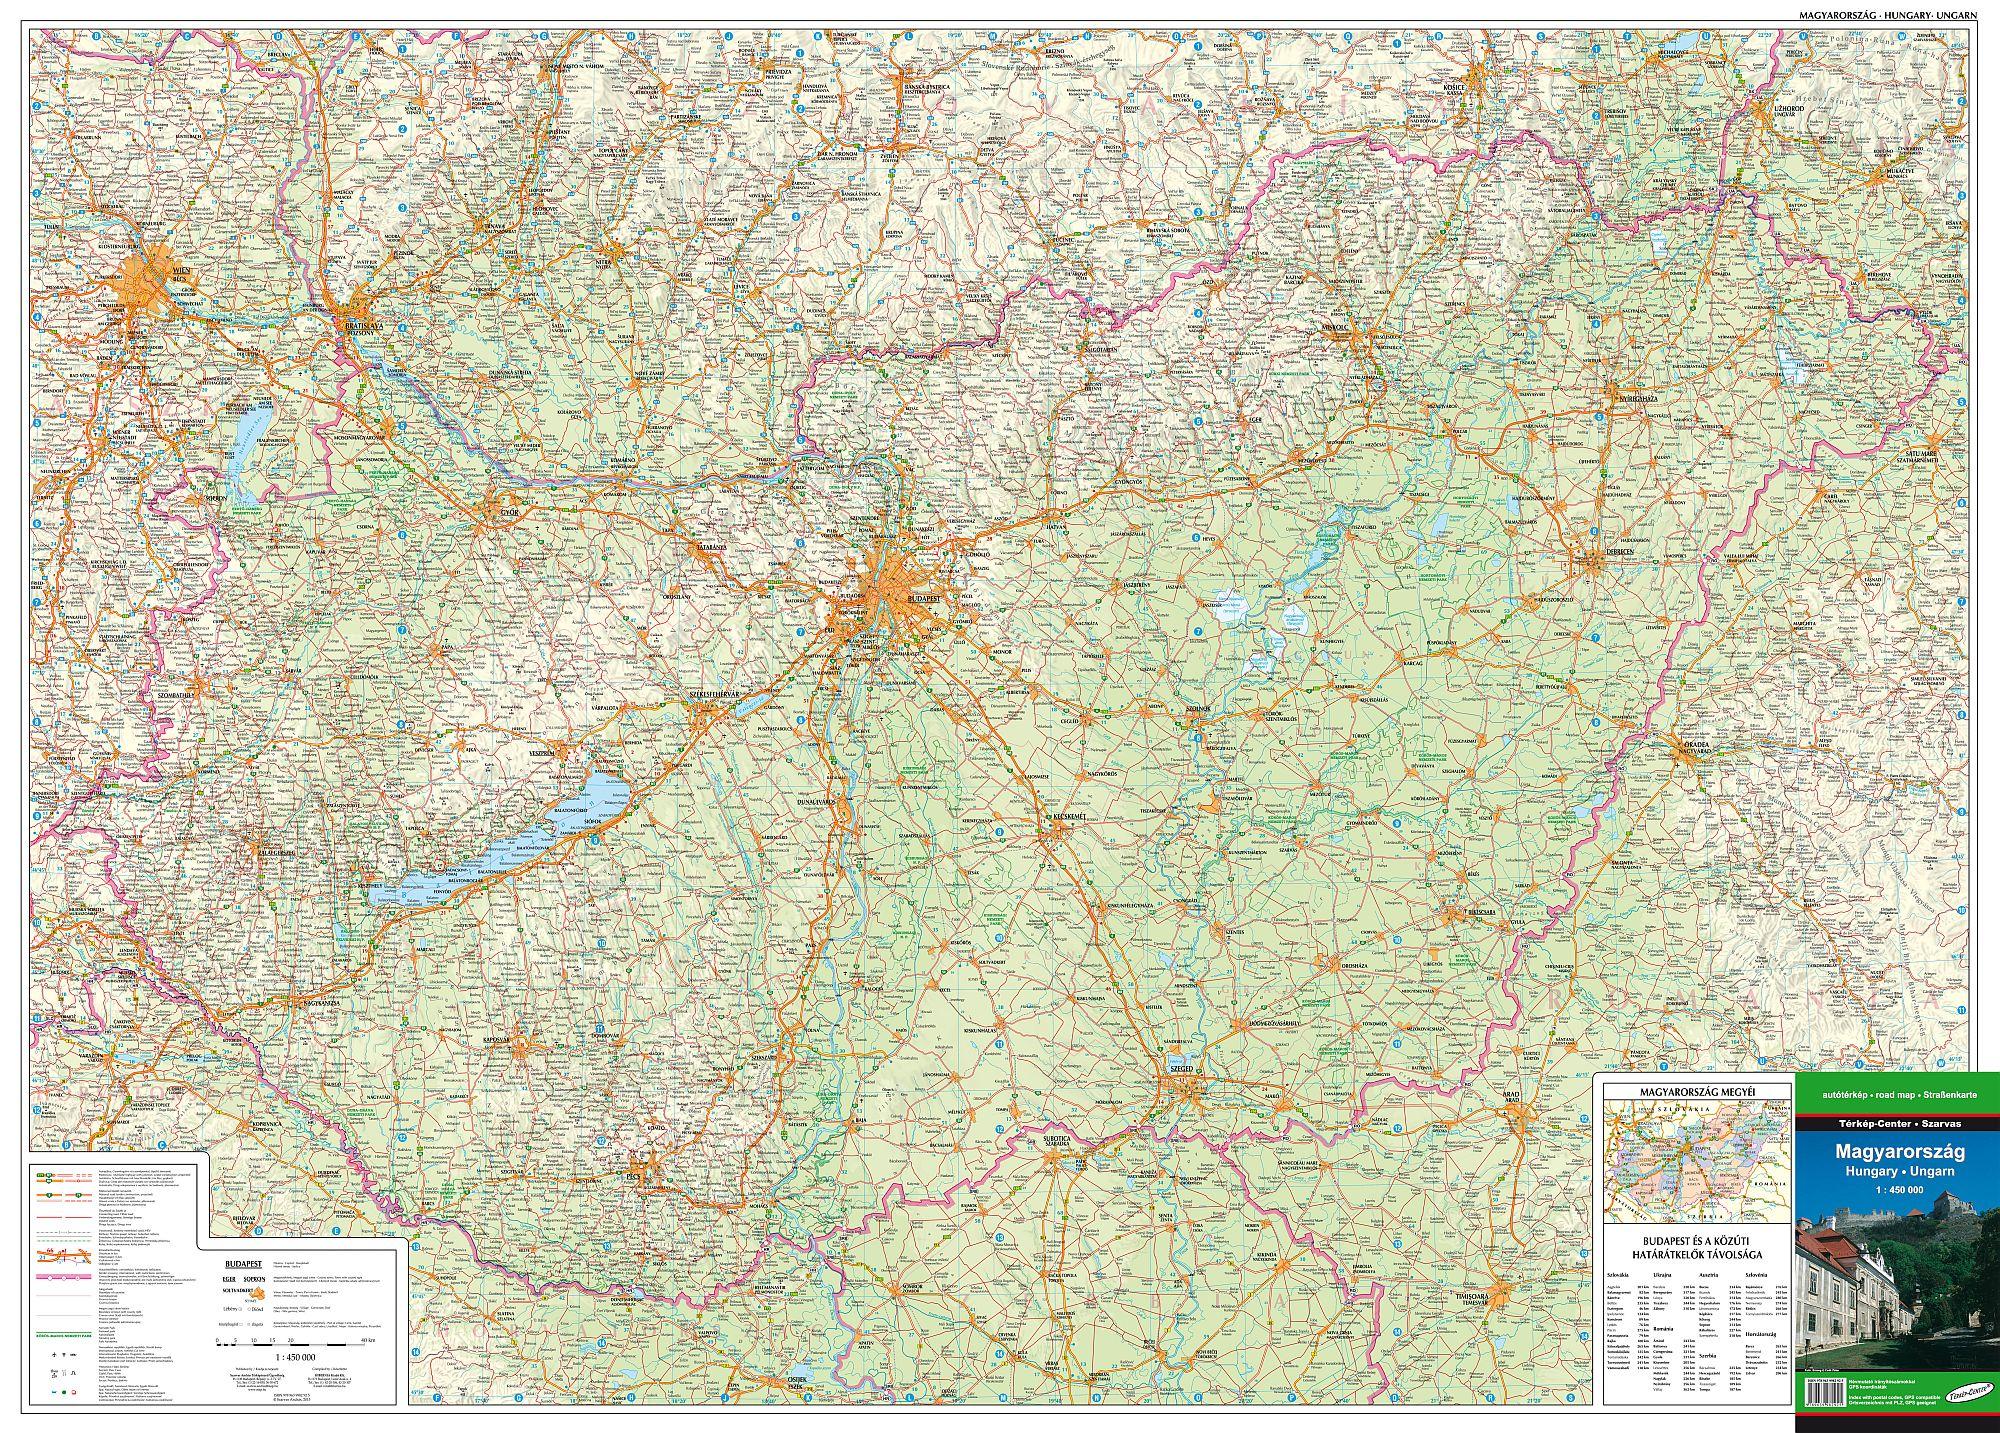 Magyarország részletes GPS kompatibilis autótérképe mobil eszközökre